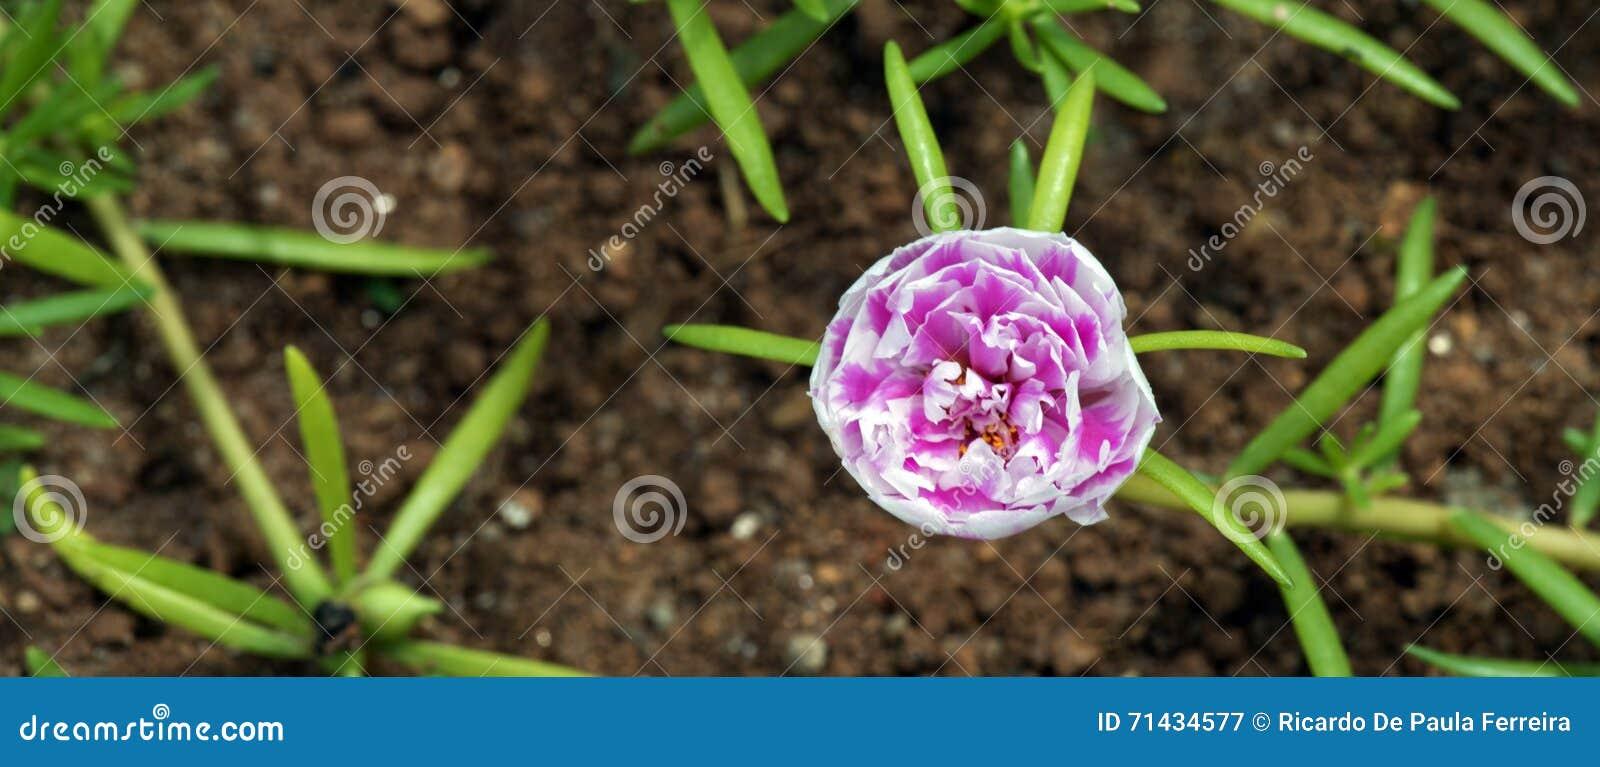 Mousse De Rose Fleur Etrange Qui S Ouvre A Onze Heures Image Stock